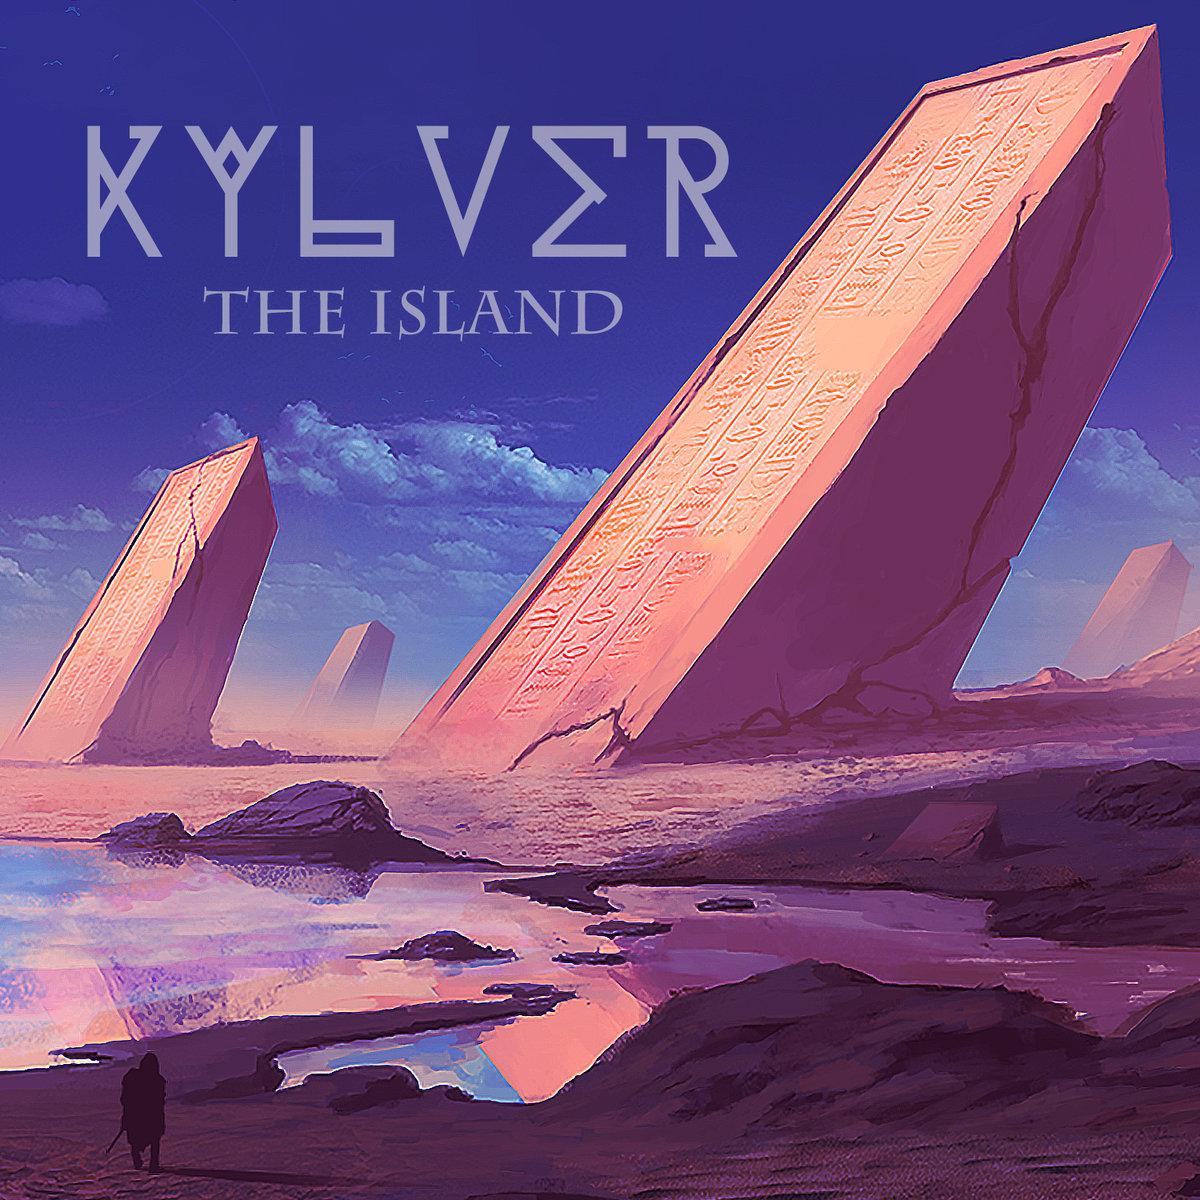 Kylver: The Island